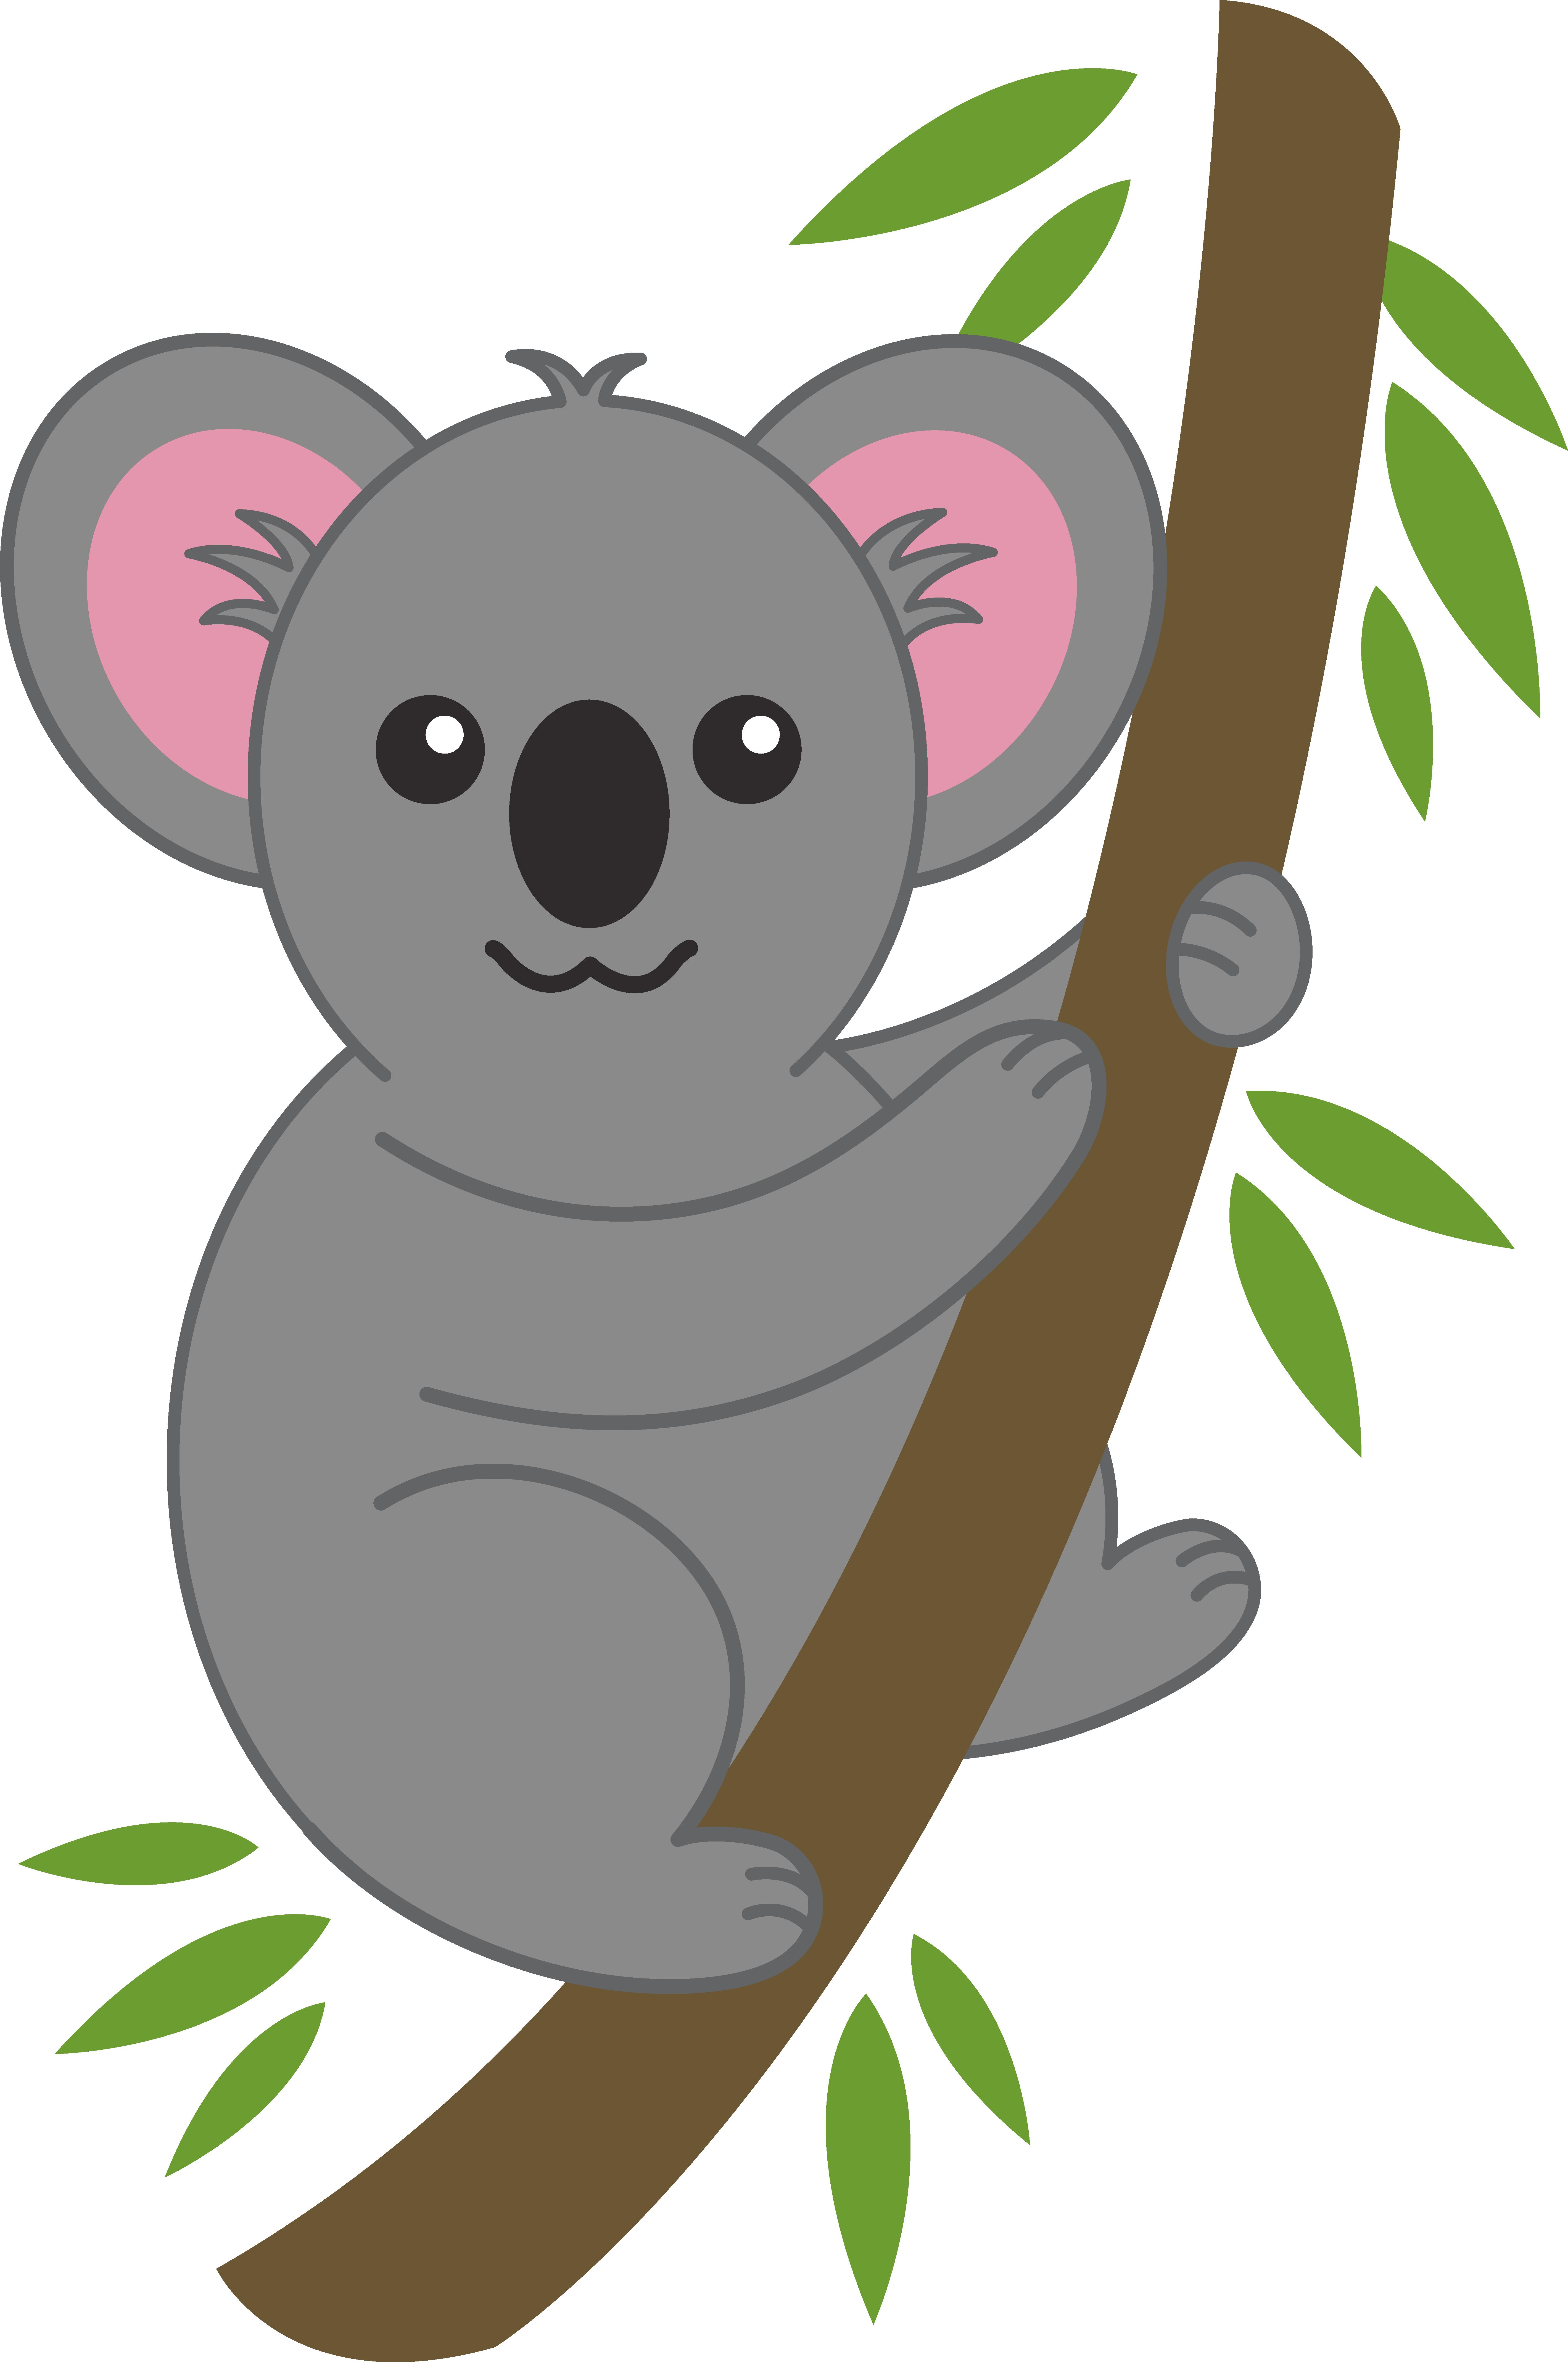 koala bear clip art cute koala on tree branch free clip art [ 5678 x 8554 Pixel ]